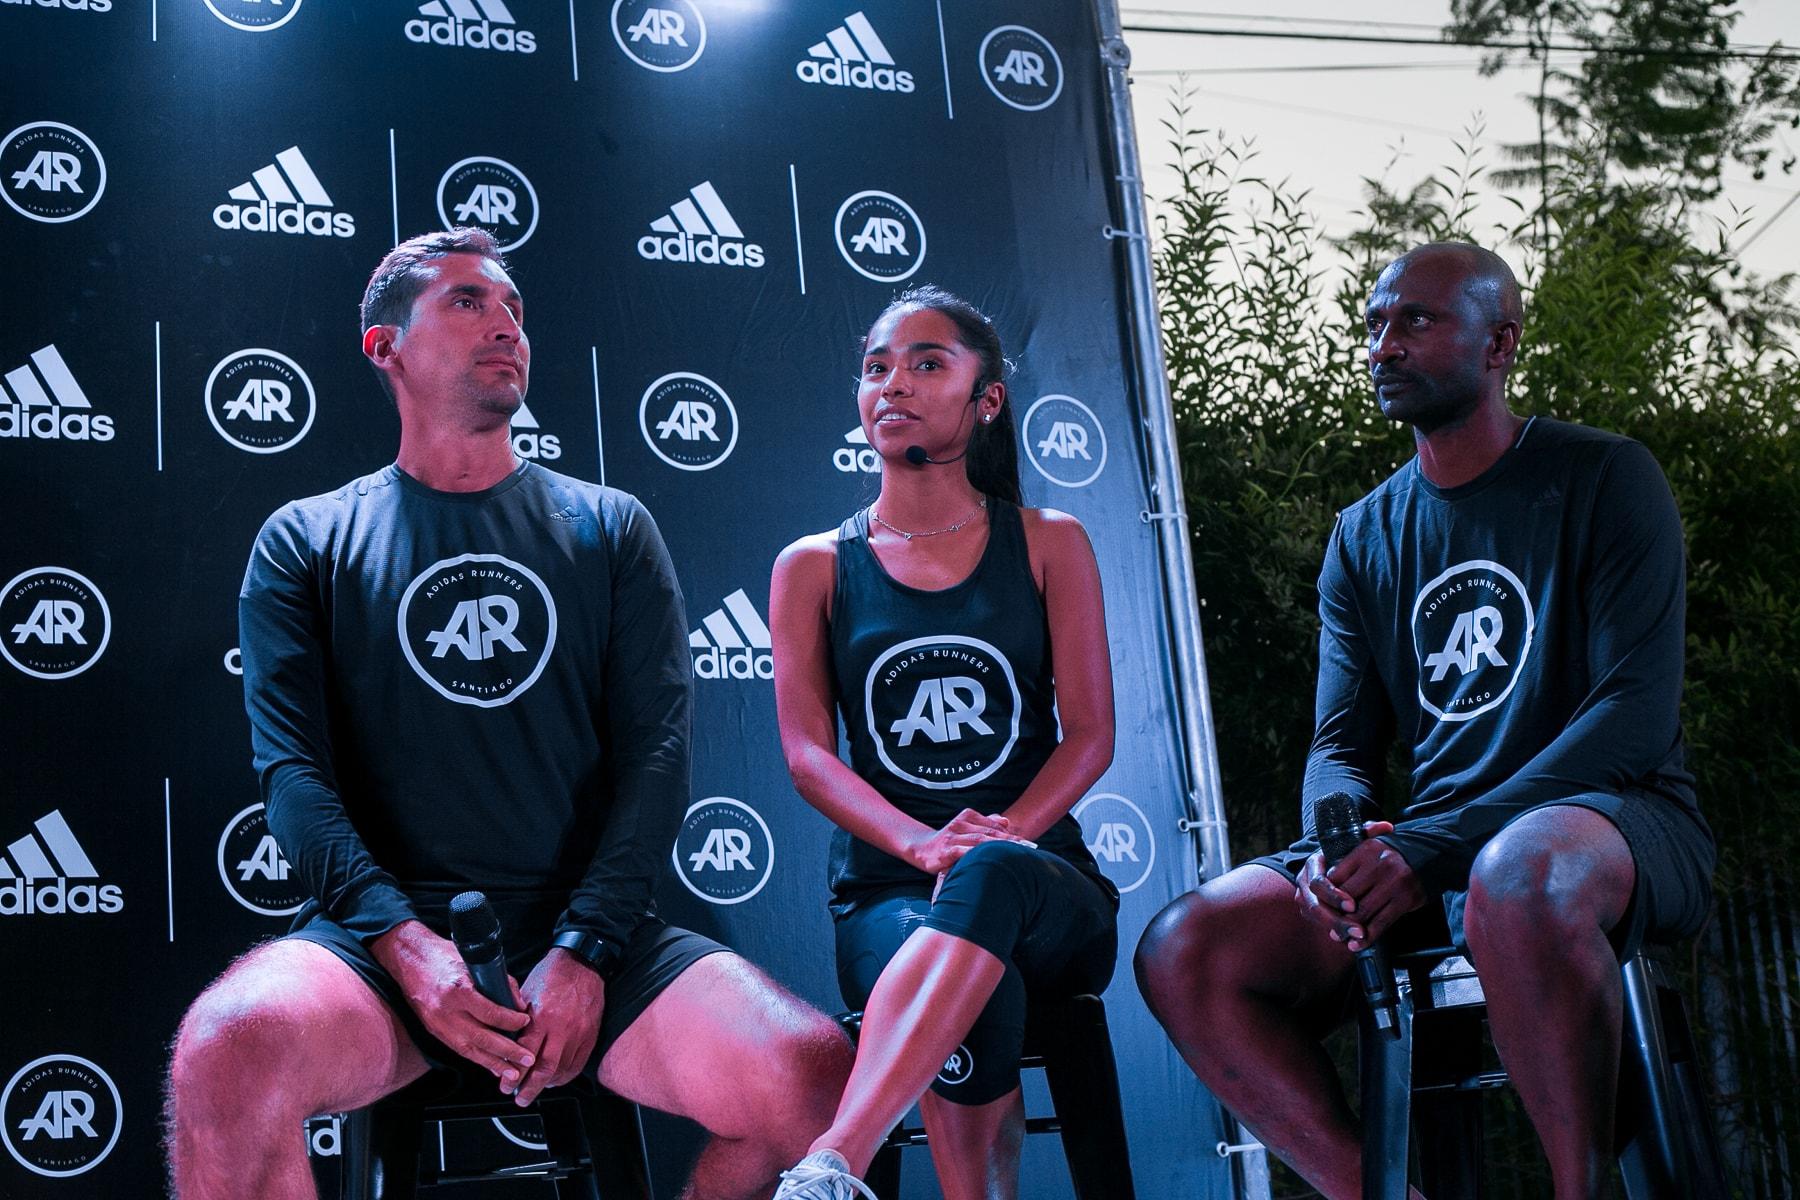 Eficiente algodón Incienso  Adidas Runners aterriza en Chile con todo!! | ViRun